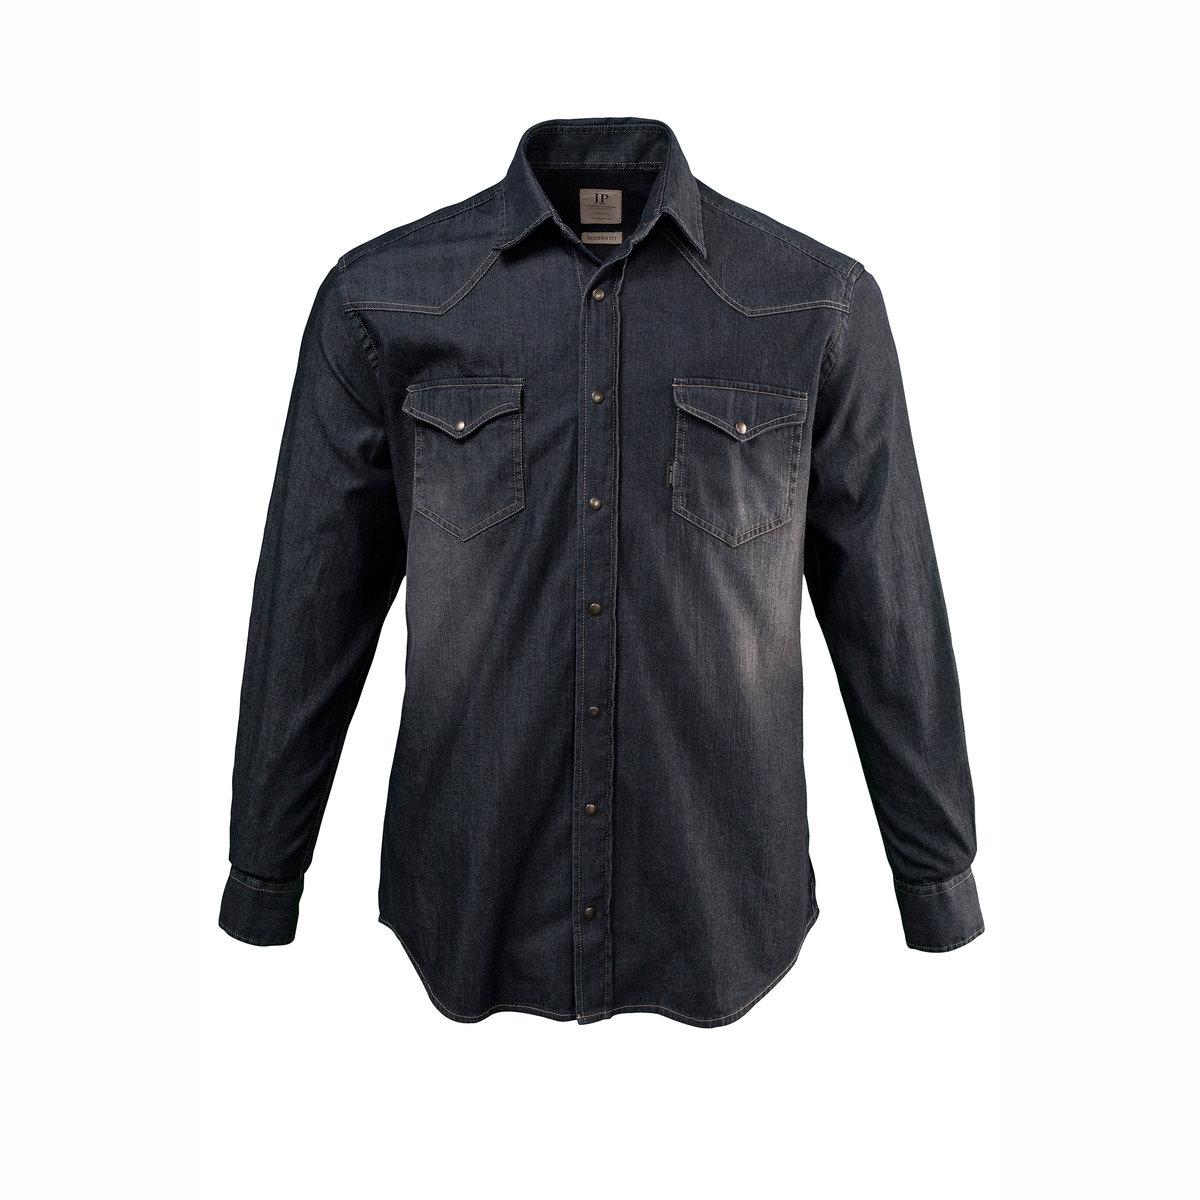 Рубашка из денима, с длинными рукавамиАктуальный соверменный покрой: немного приталенный, позволяет носить рубашку поверх брюк, придавая расслабленный вид. 2 кармана на клапане с кнопкой.<br><br>Цвет: серый<br>Размер: XL